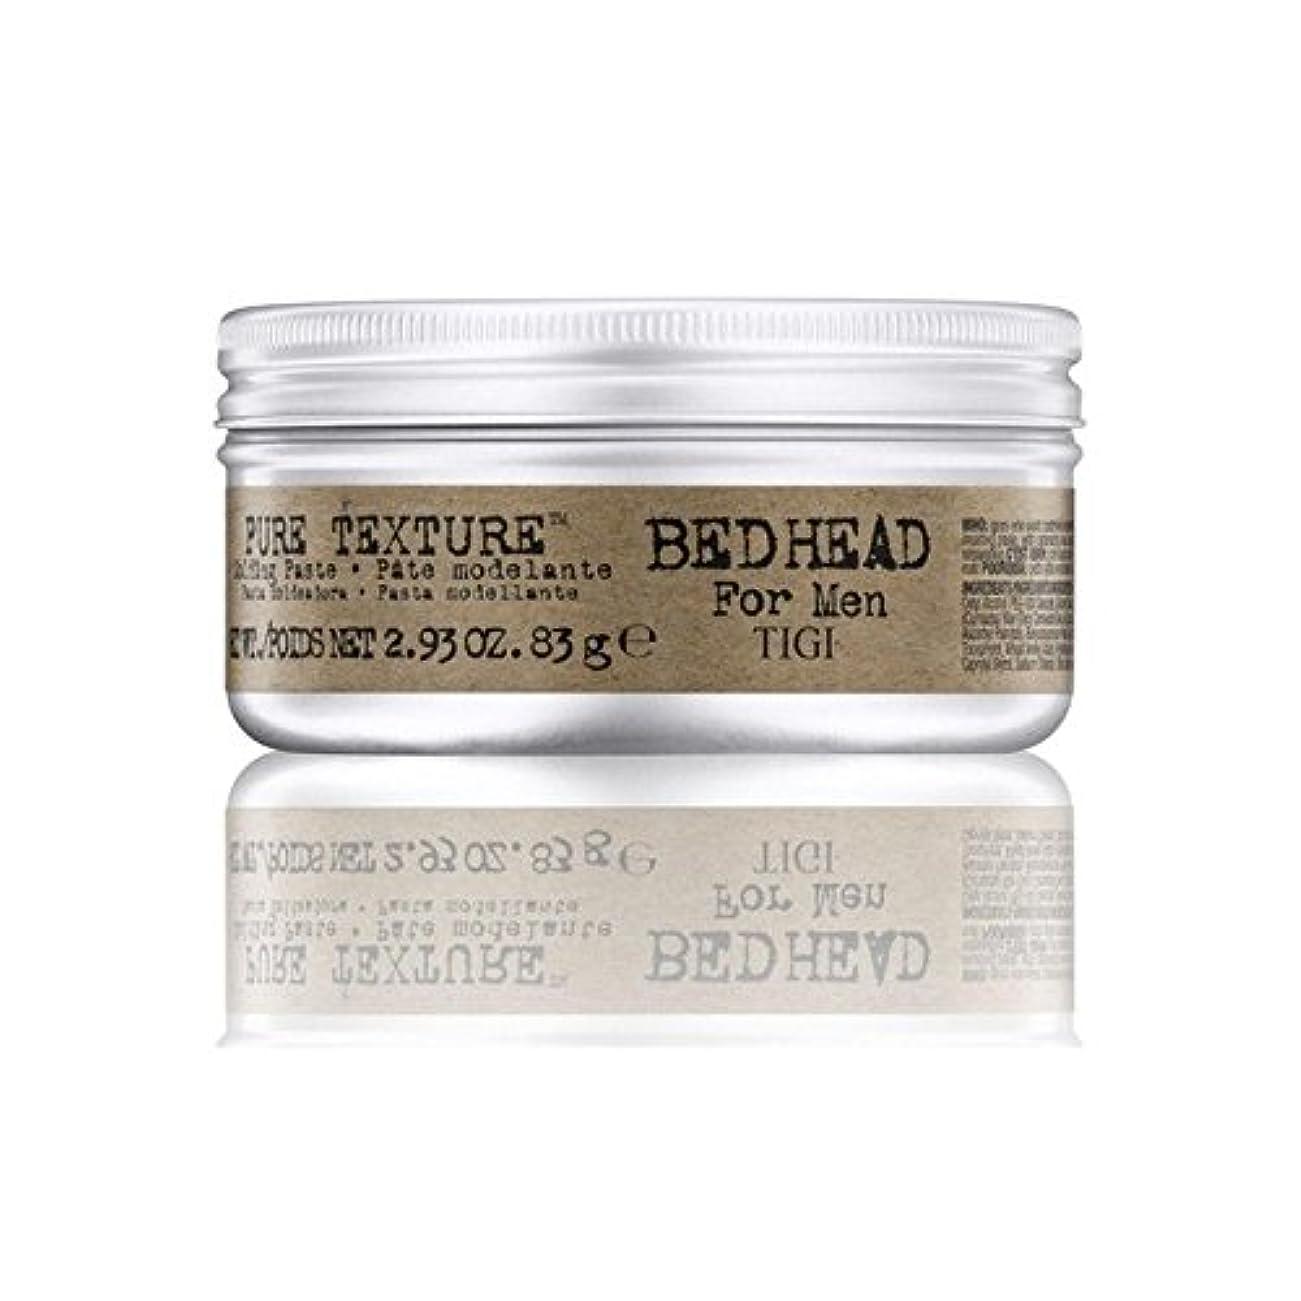 受け取る熱狂的なドナウ川男性の純粋なテクスチャーモールディングペースト(83グラム)のためのティジーベッドヘッド x4 - Tigi Bed Head For Men Pure Texture Molding Paste (83G) (Pack...